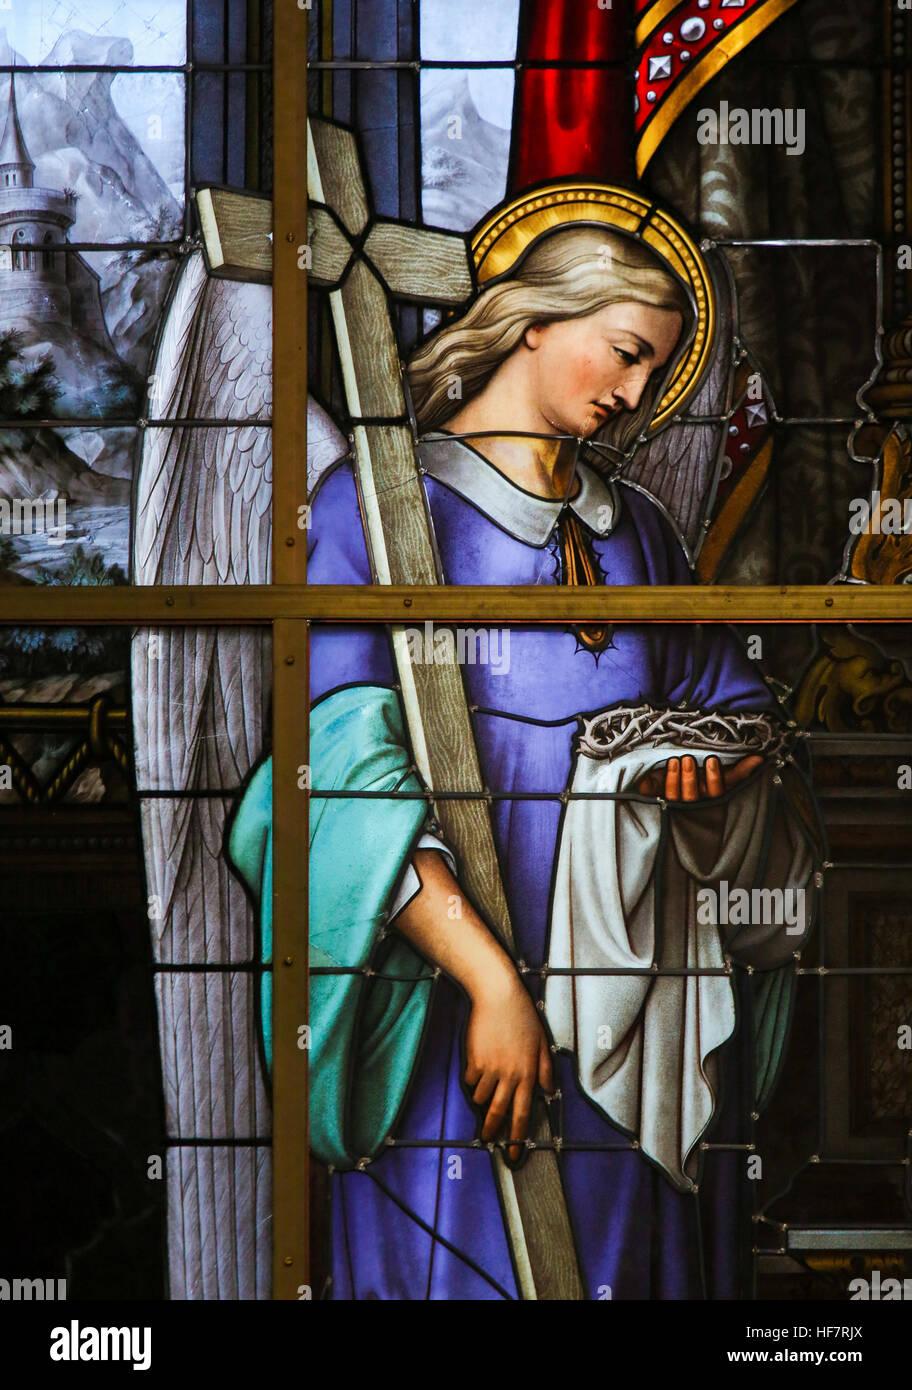 Glasmalerei in Saint Nicholas Church, Gent, Belgien, Darstellung und Engel hält die Arma Christi, eine Allegorie Stockbild